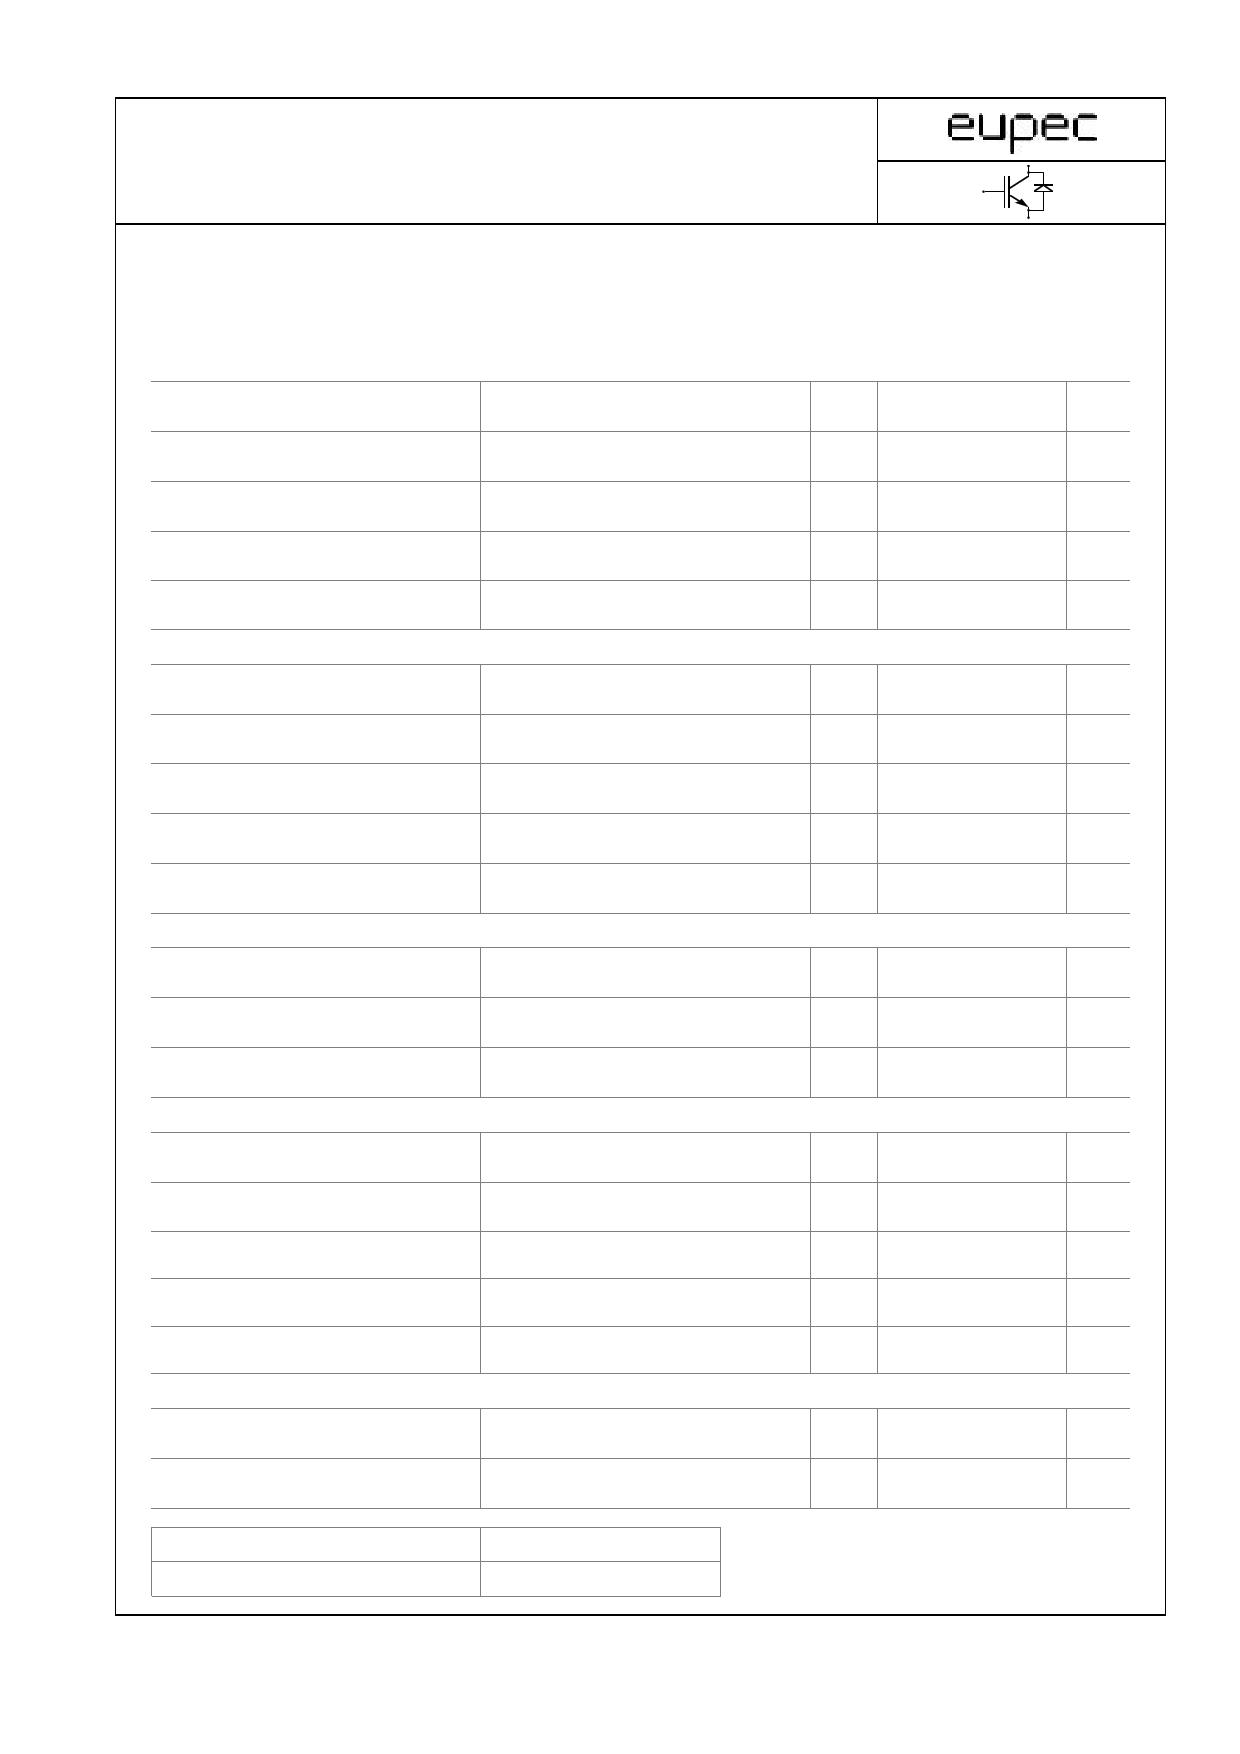 FP15R12KE3G دیتاشیت PDF